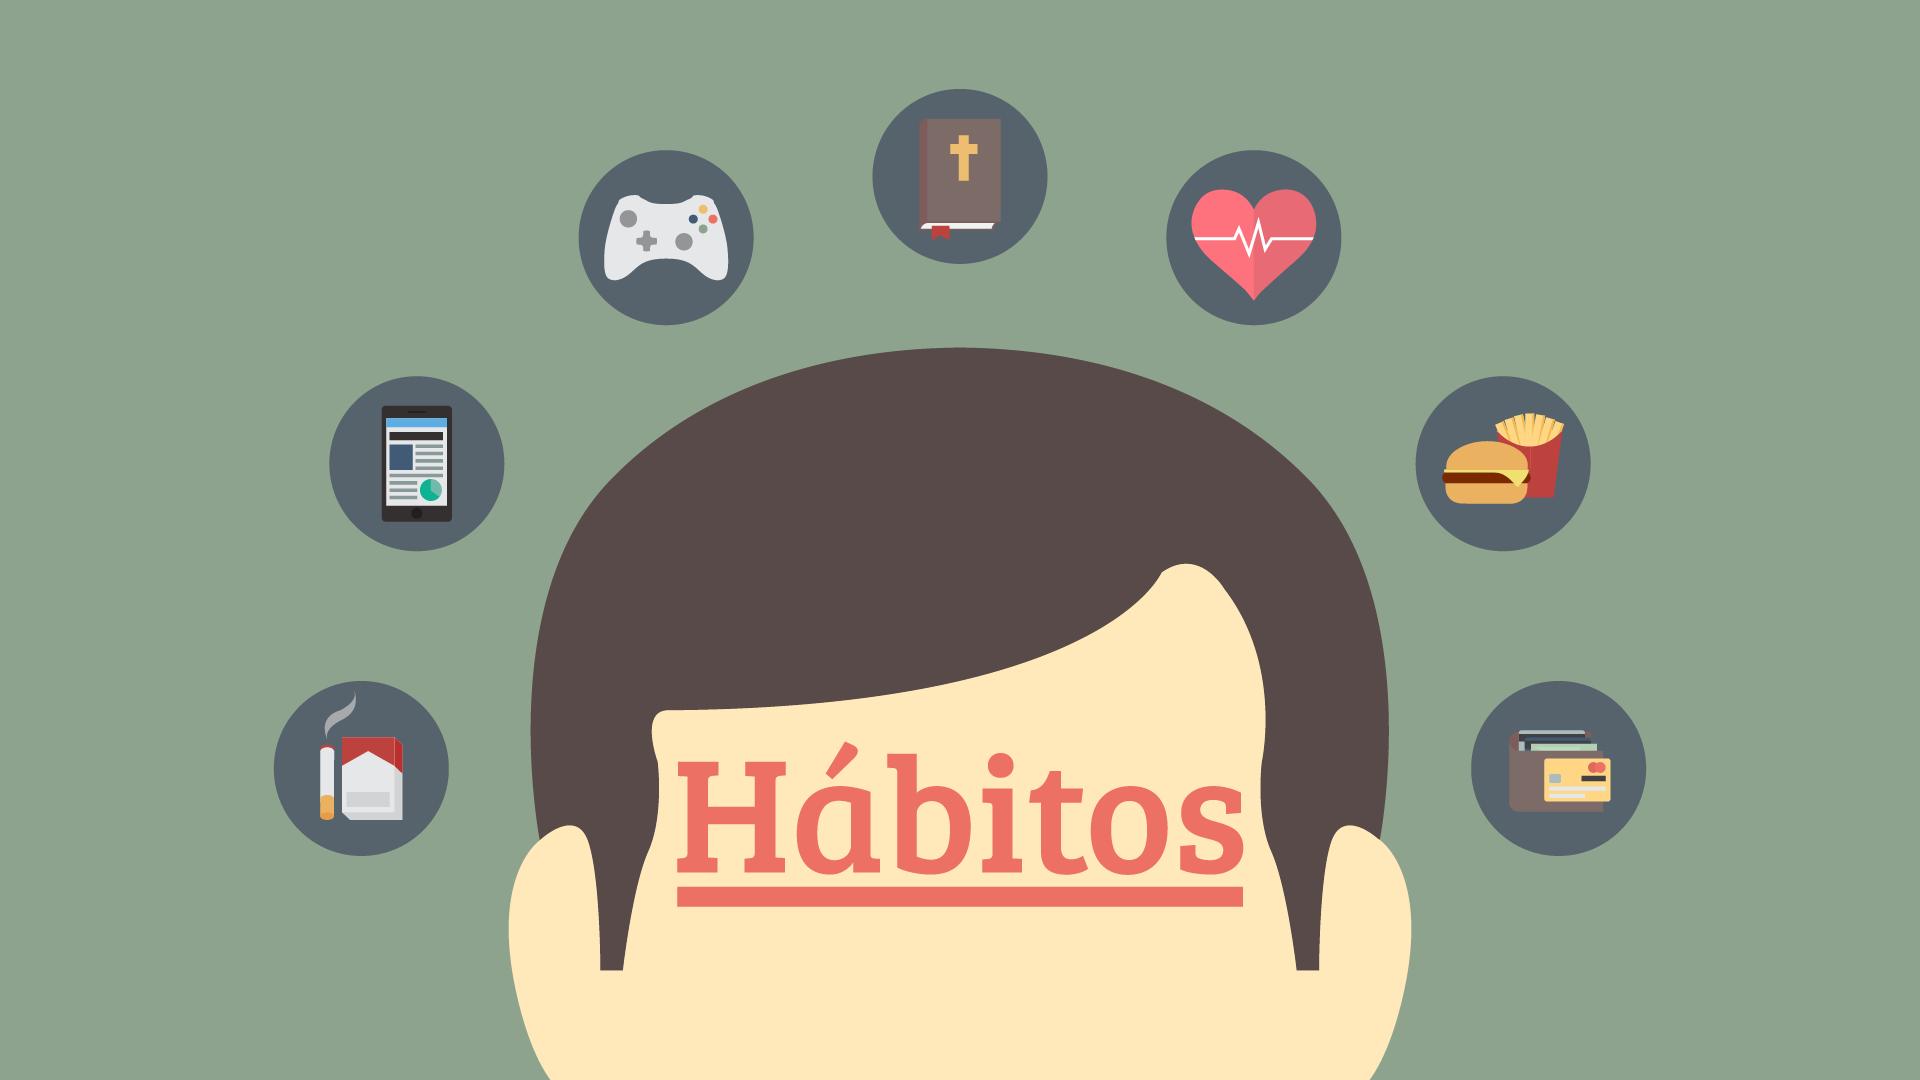 Habits-esp